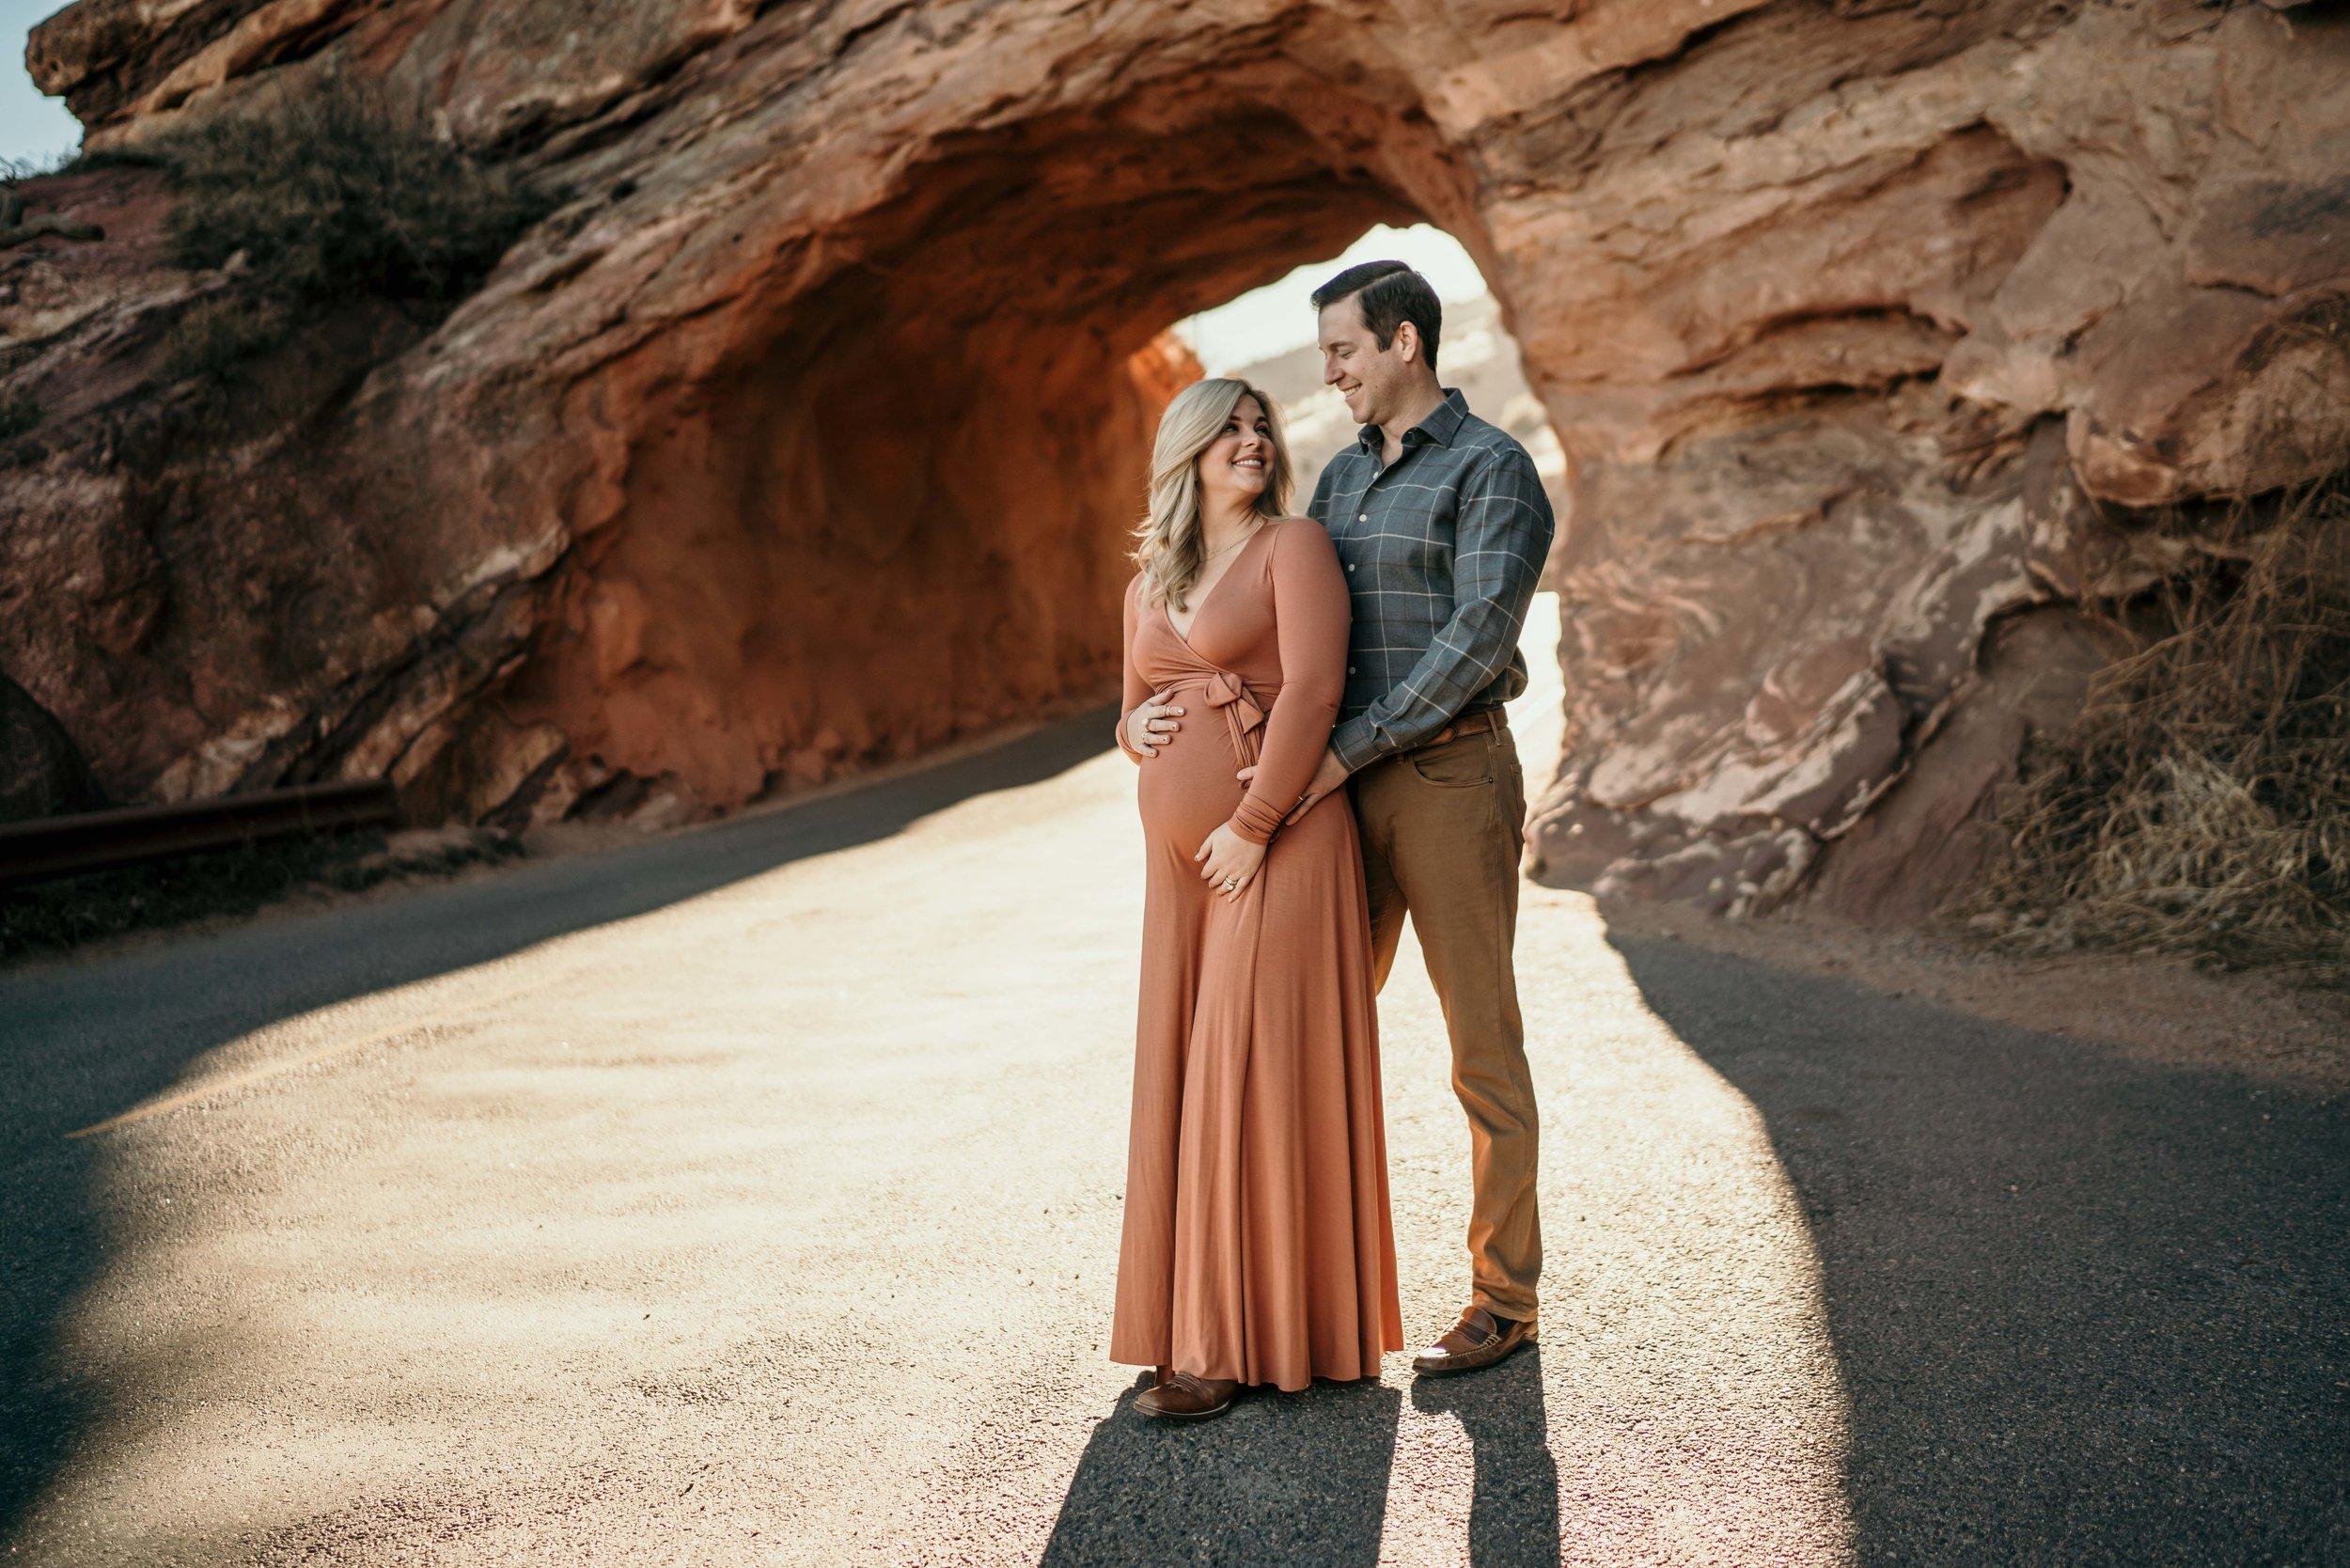 denver-maternity-photographer-red-rocks-hope-nick-DSC09364.jpg